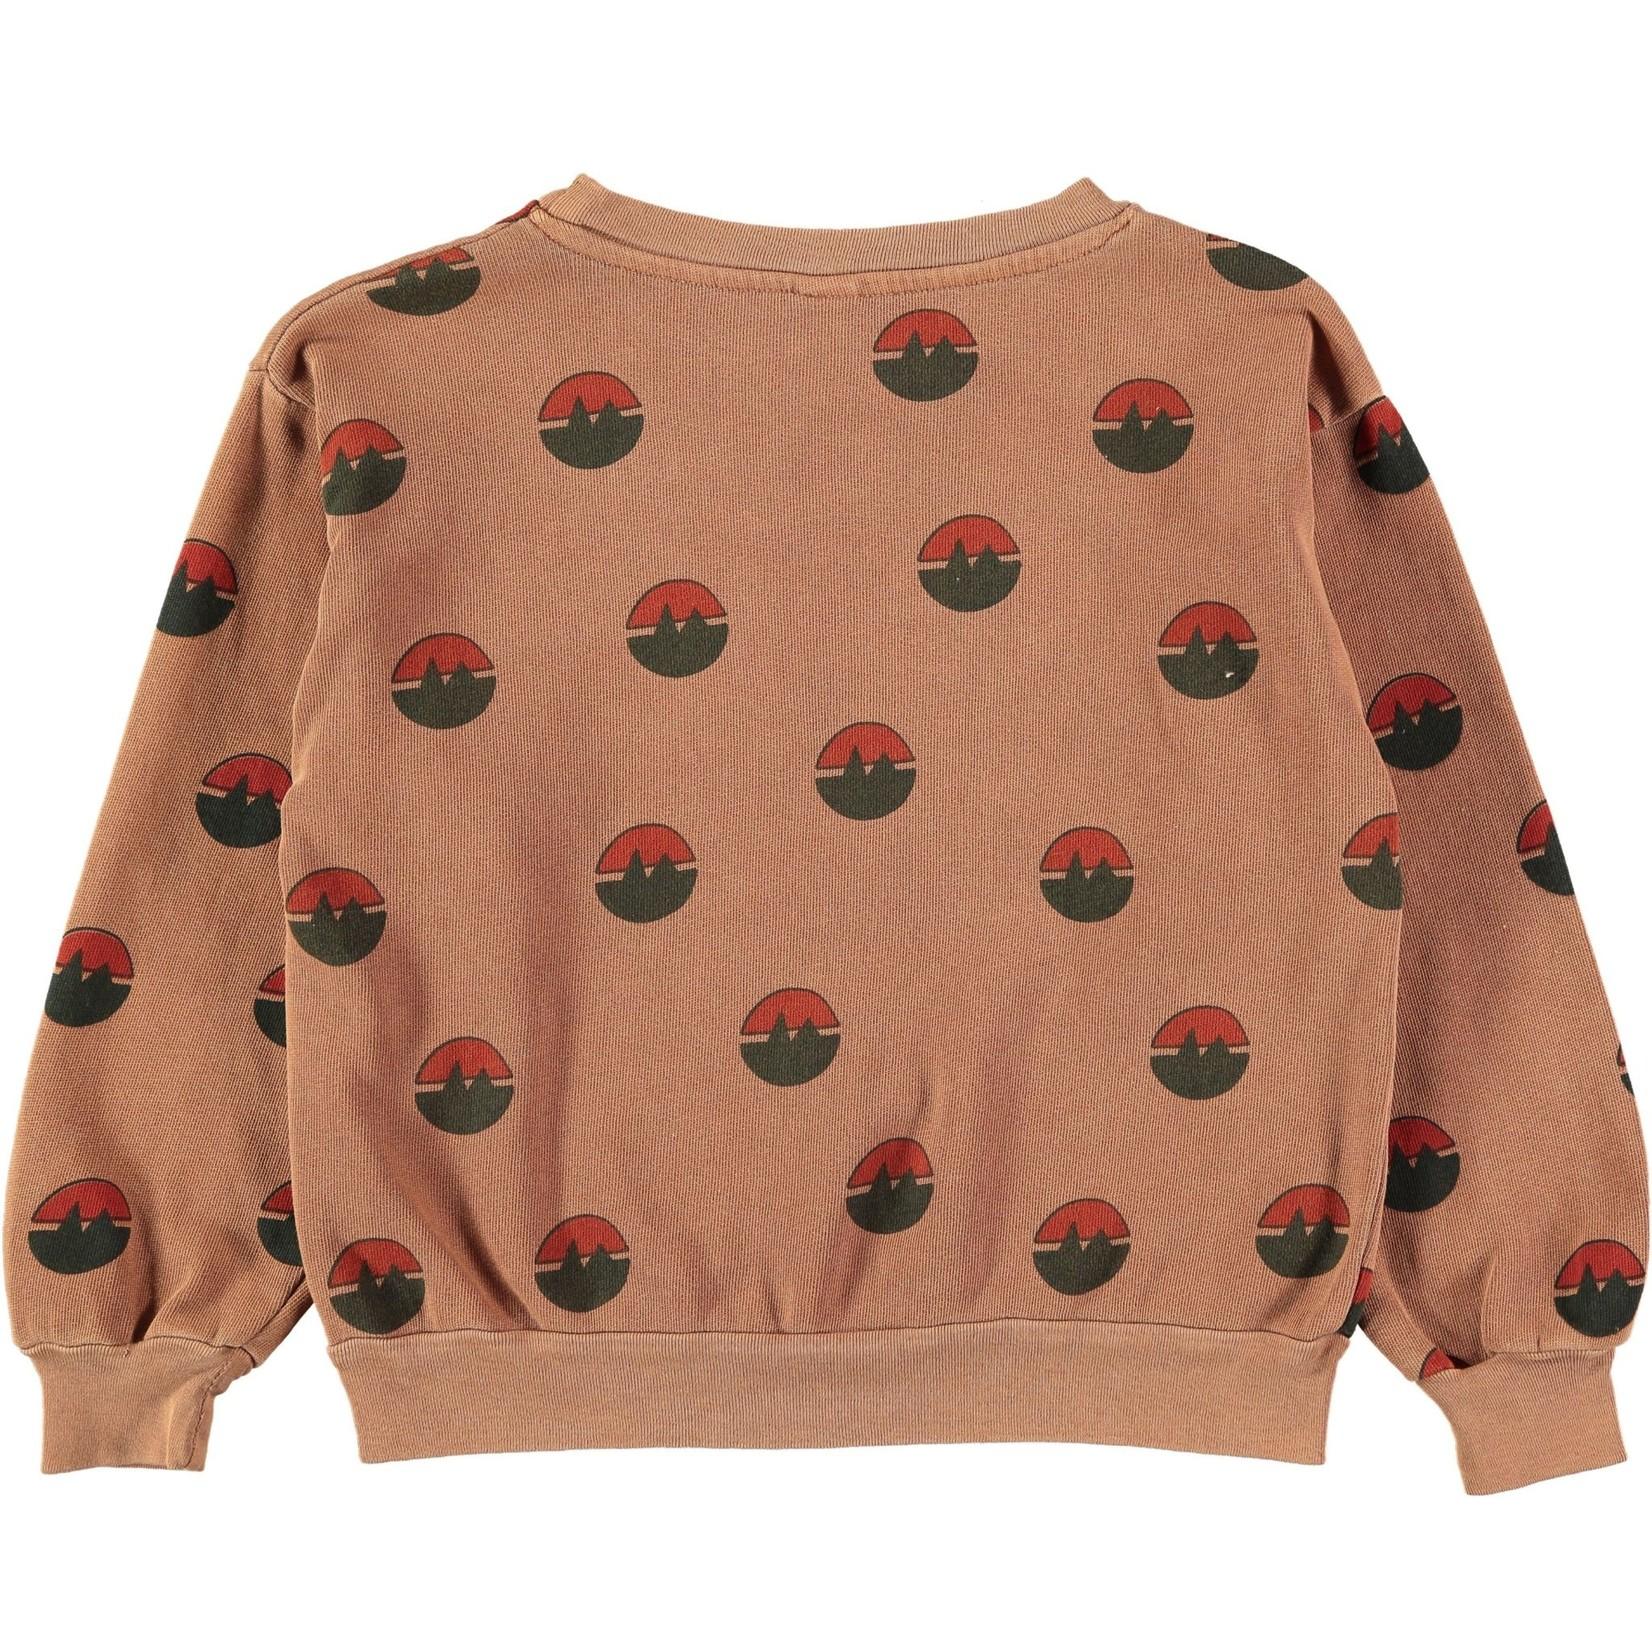 BONMOT BONMOT organic. Sweatshirt all over mountain